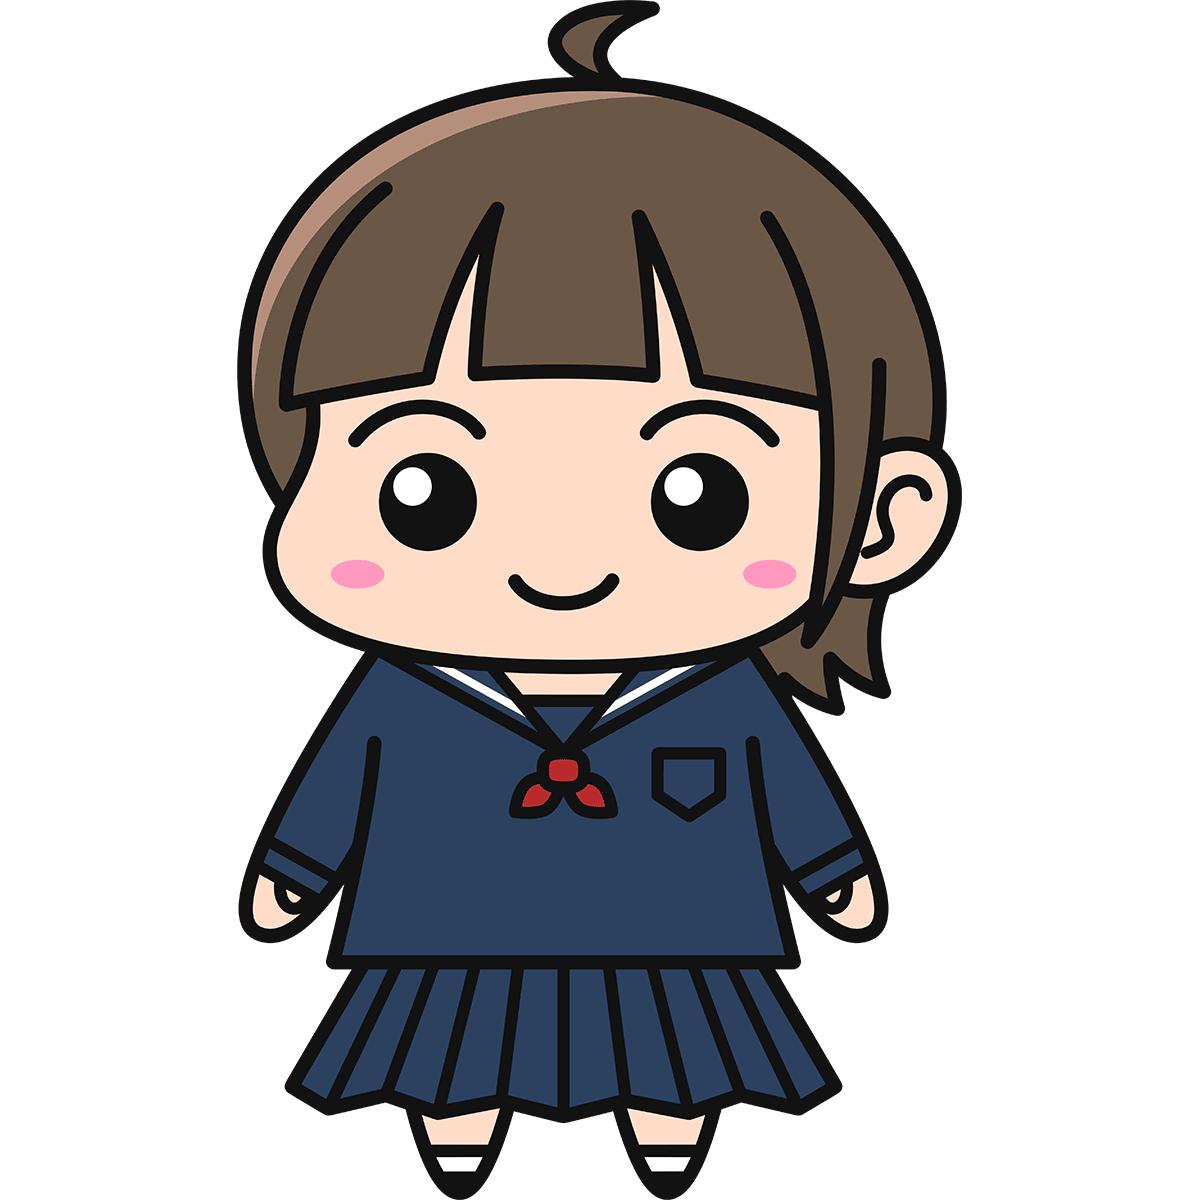 女子高生(冬服)の無料イラスト